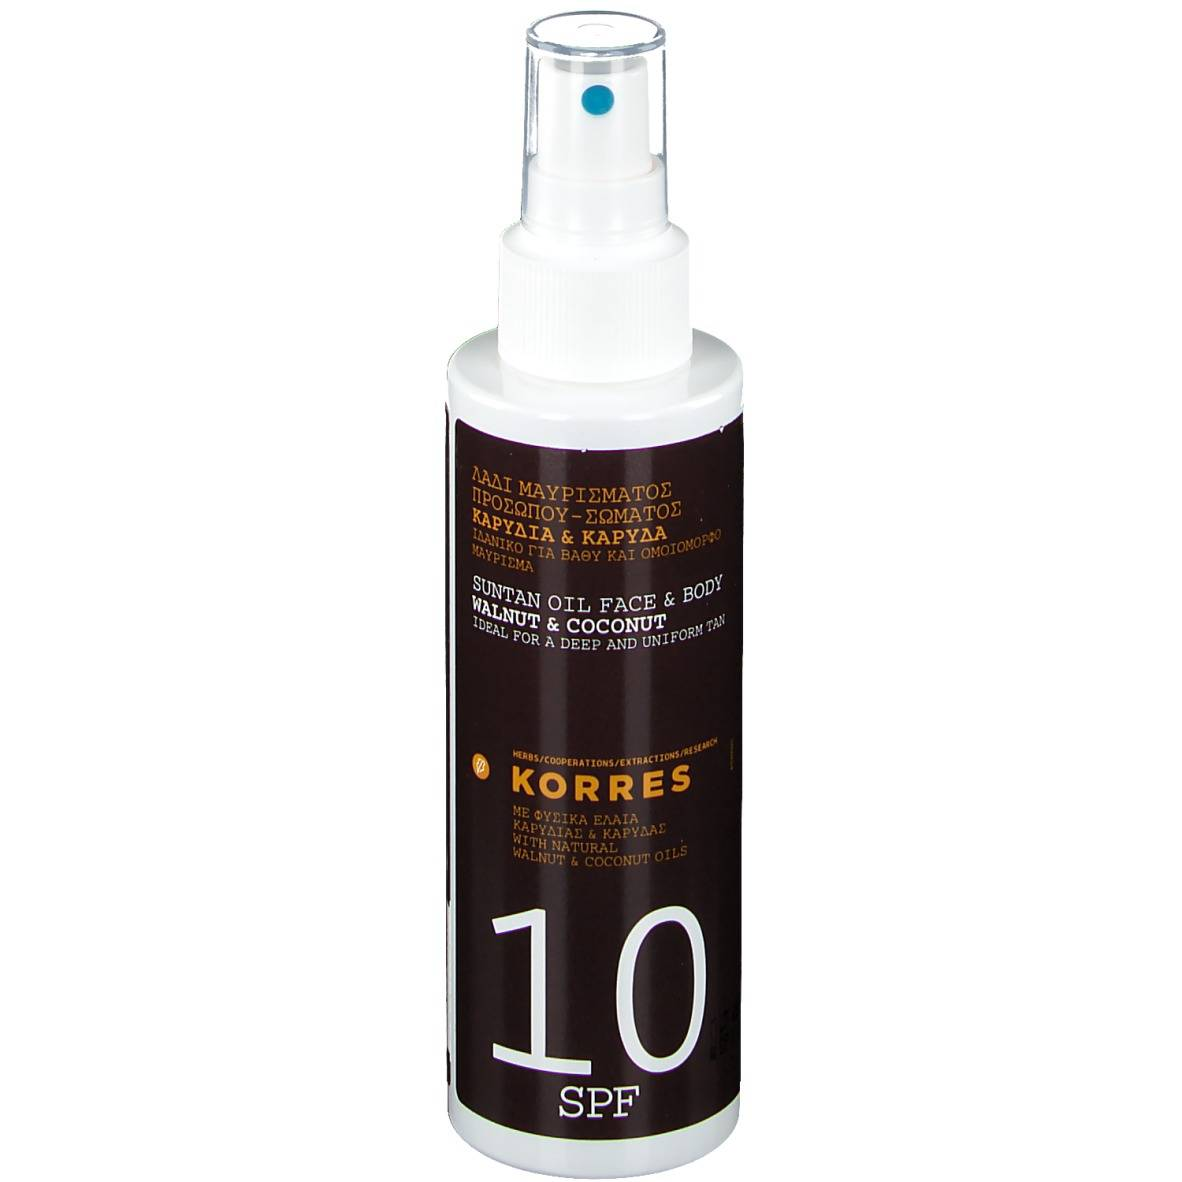 Greendock KORRES® Huile de bronzage noisette & noix de coco SPF10 ml huile